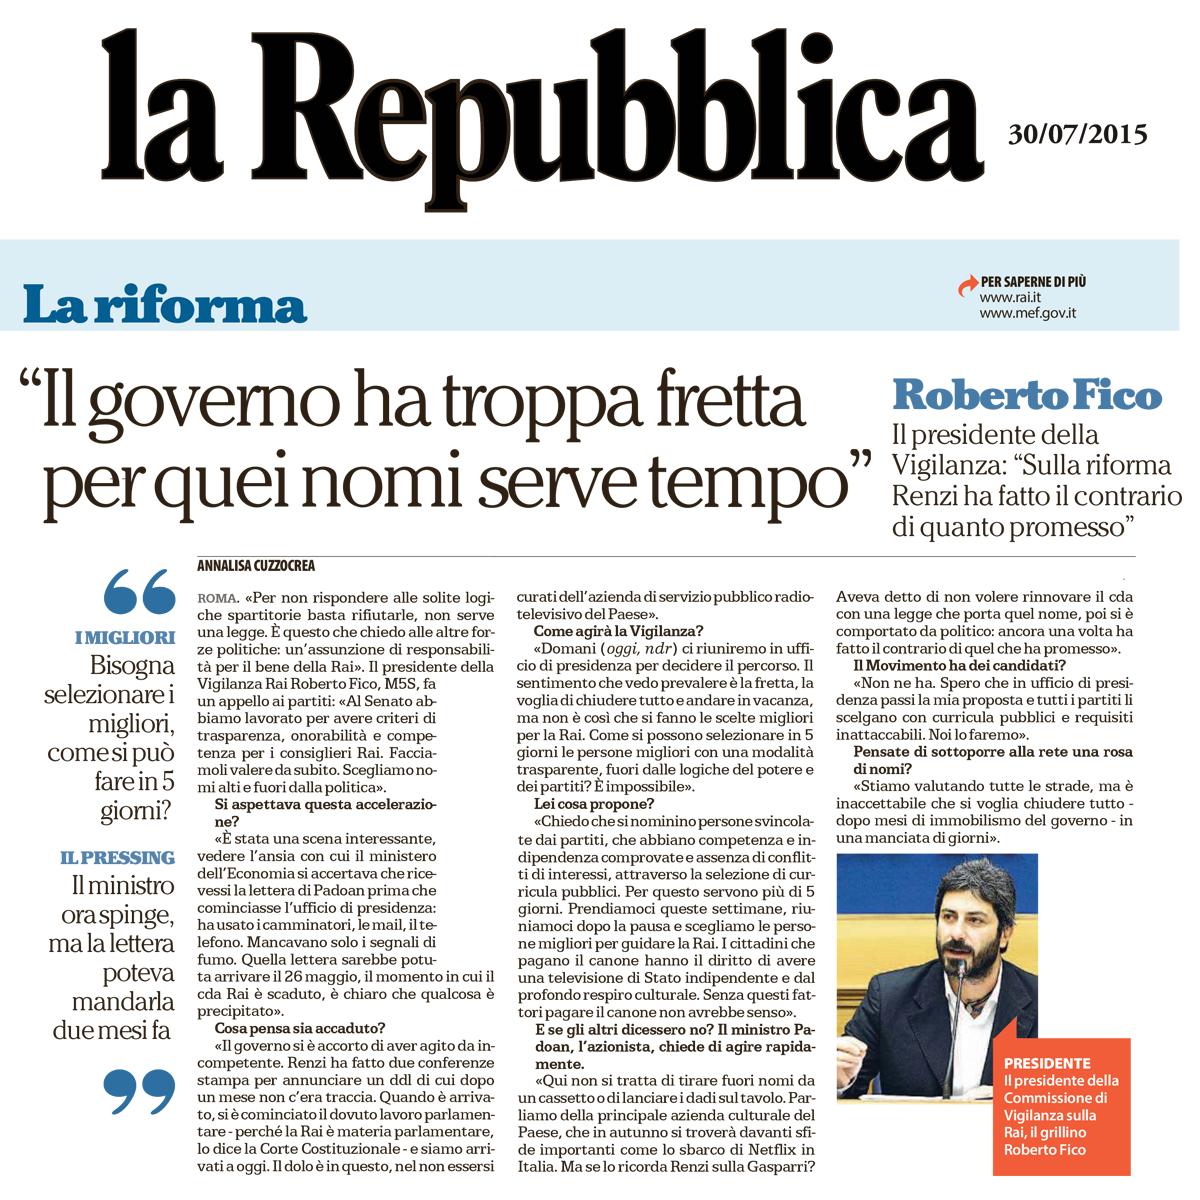 repubblica_30-07-2015